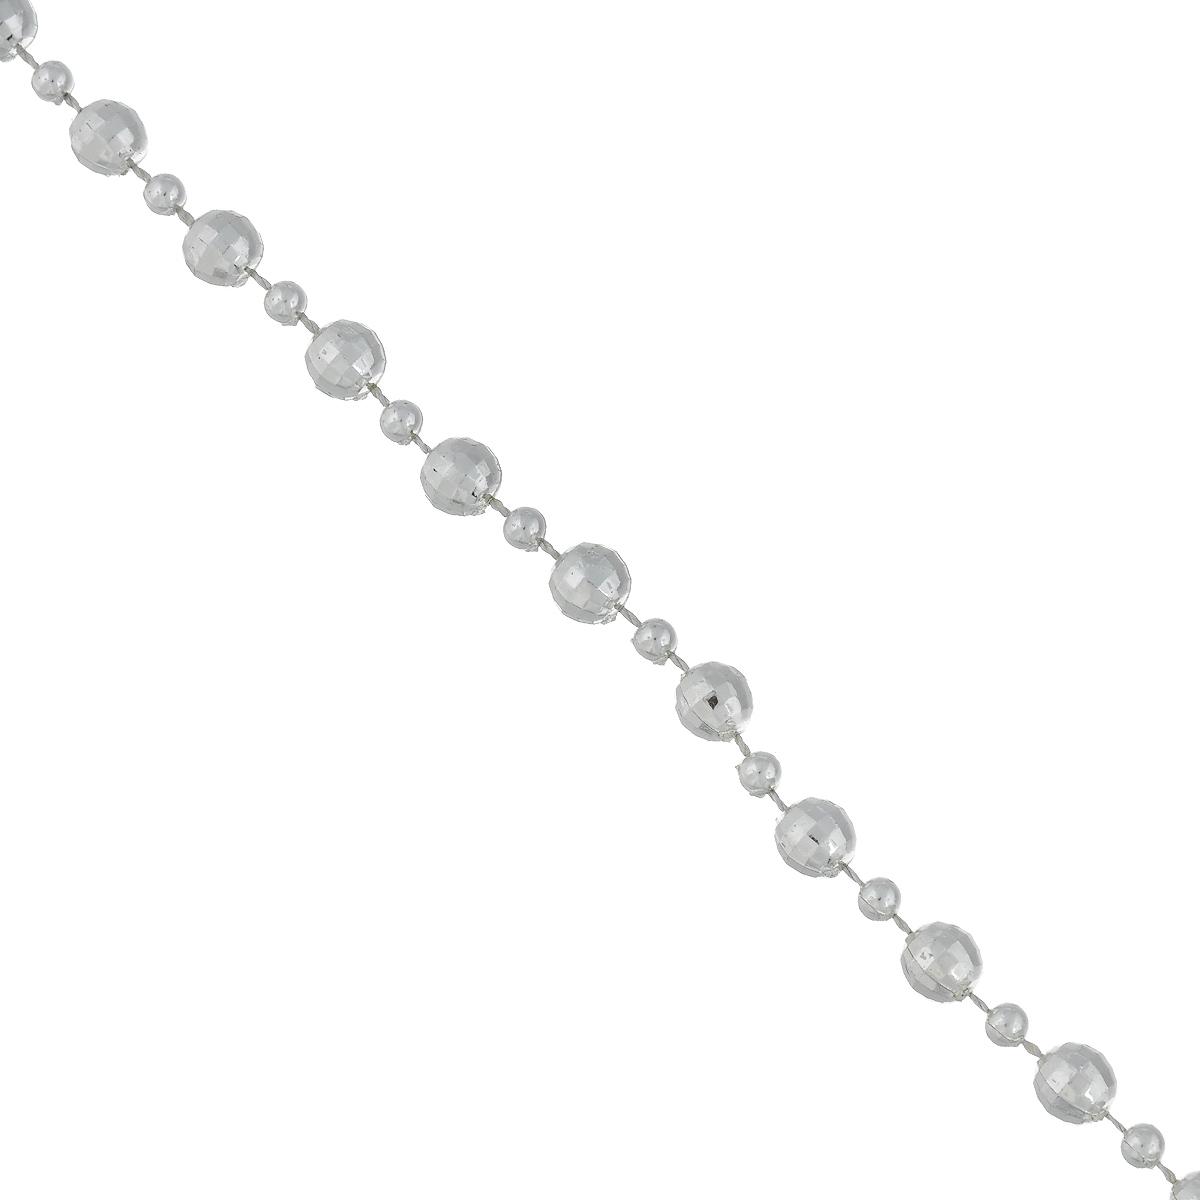 Новогодняя гирлянда Феникс-Презент Шарики, цвет: серебристый, длина 2,7 м гирлянда новогодняя феникс презент magic time цвет красный длина 2 7 м 38690